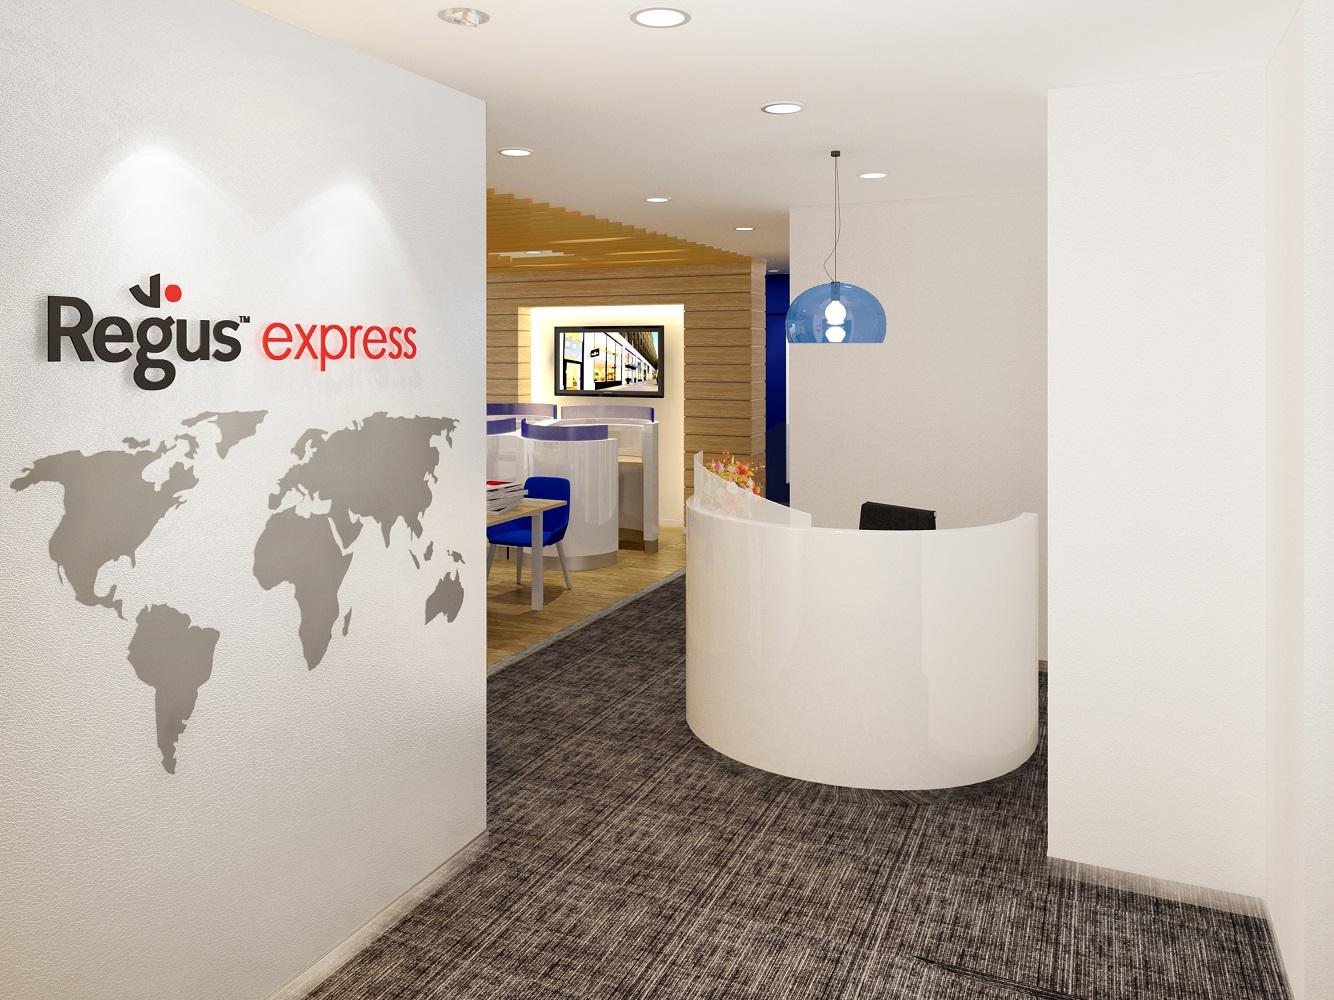 リージャスエクスプレス 関西国際空港-エントランス